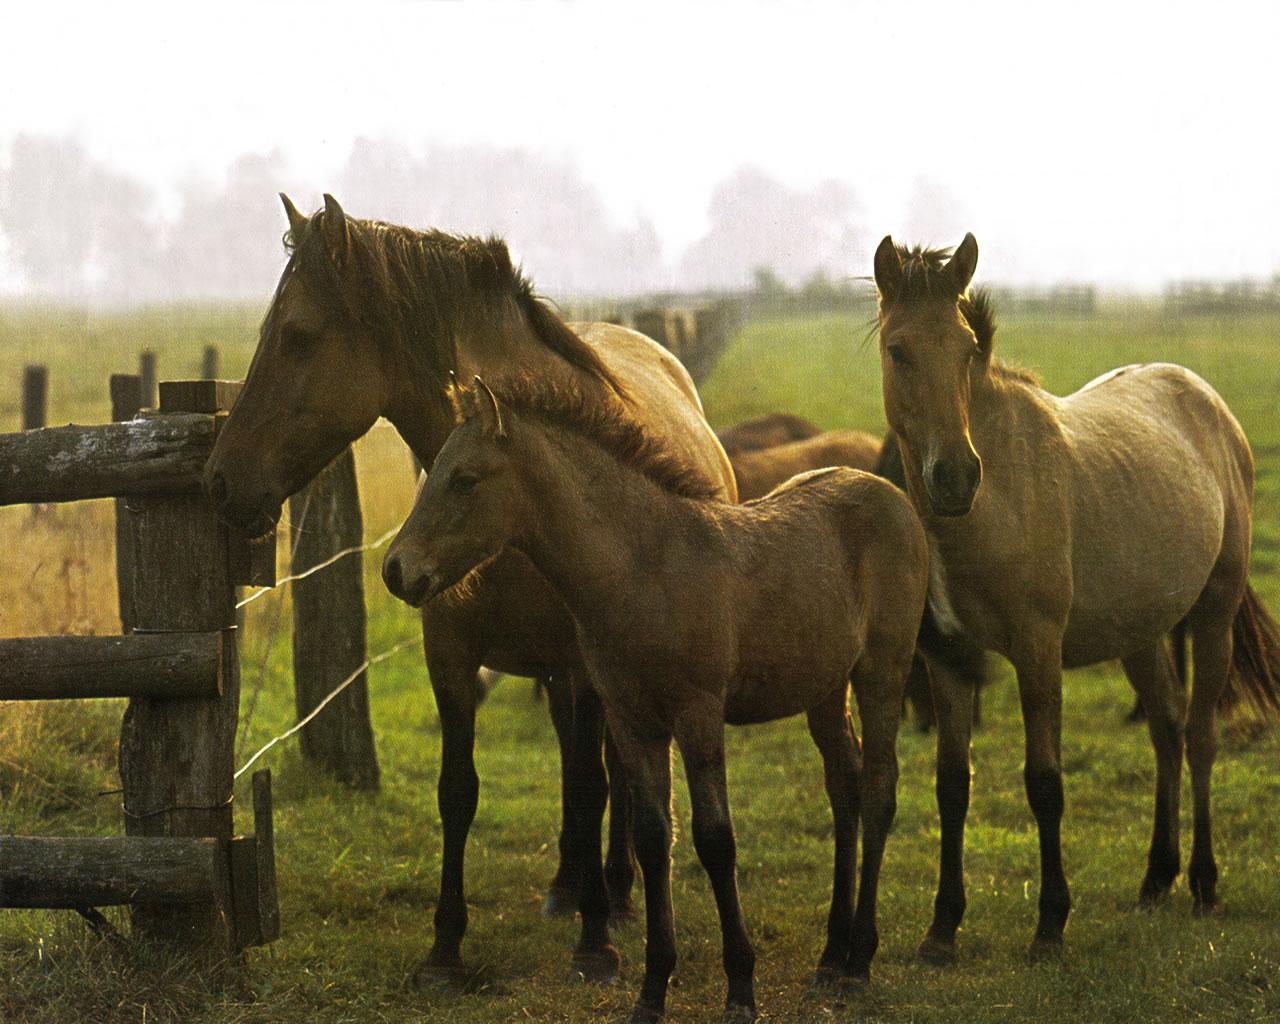 download wallpaper: paarden in de wei wallpaper